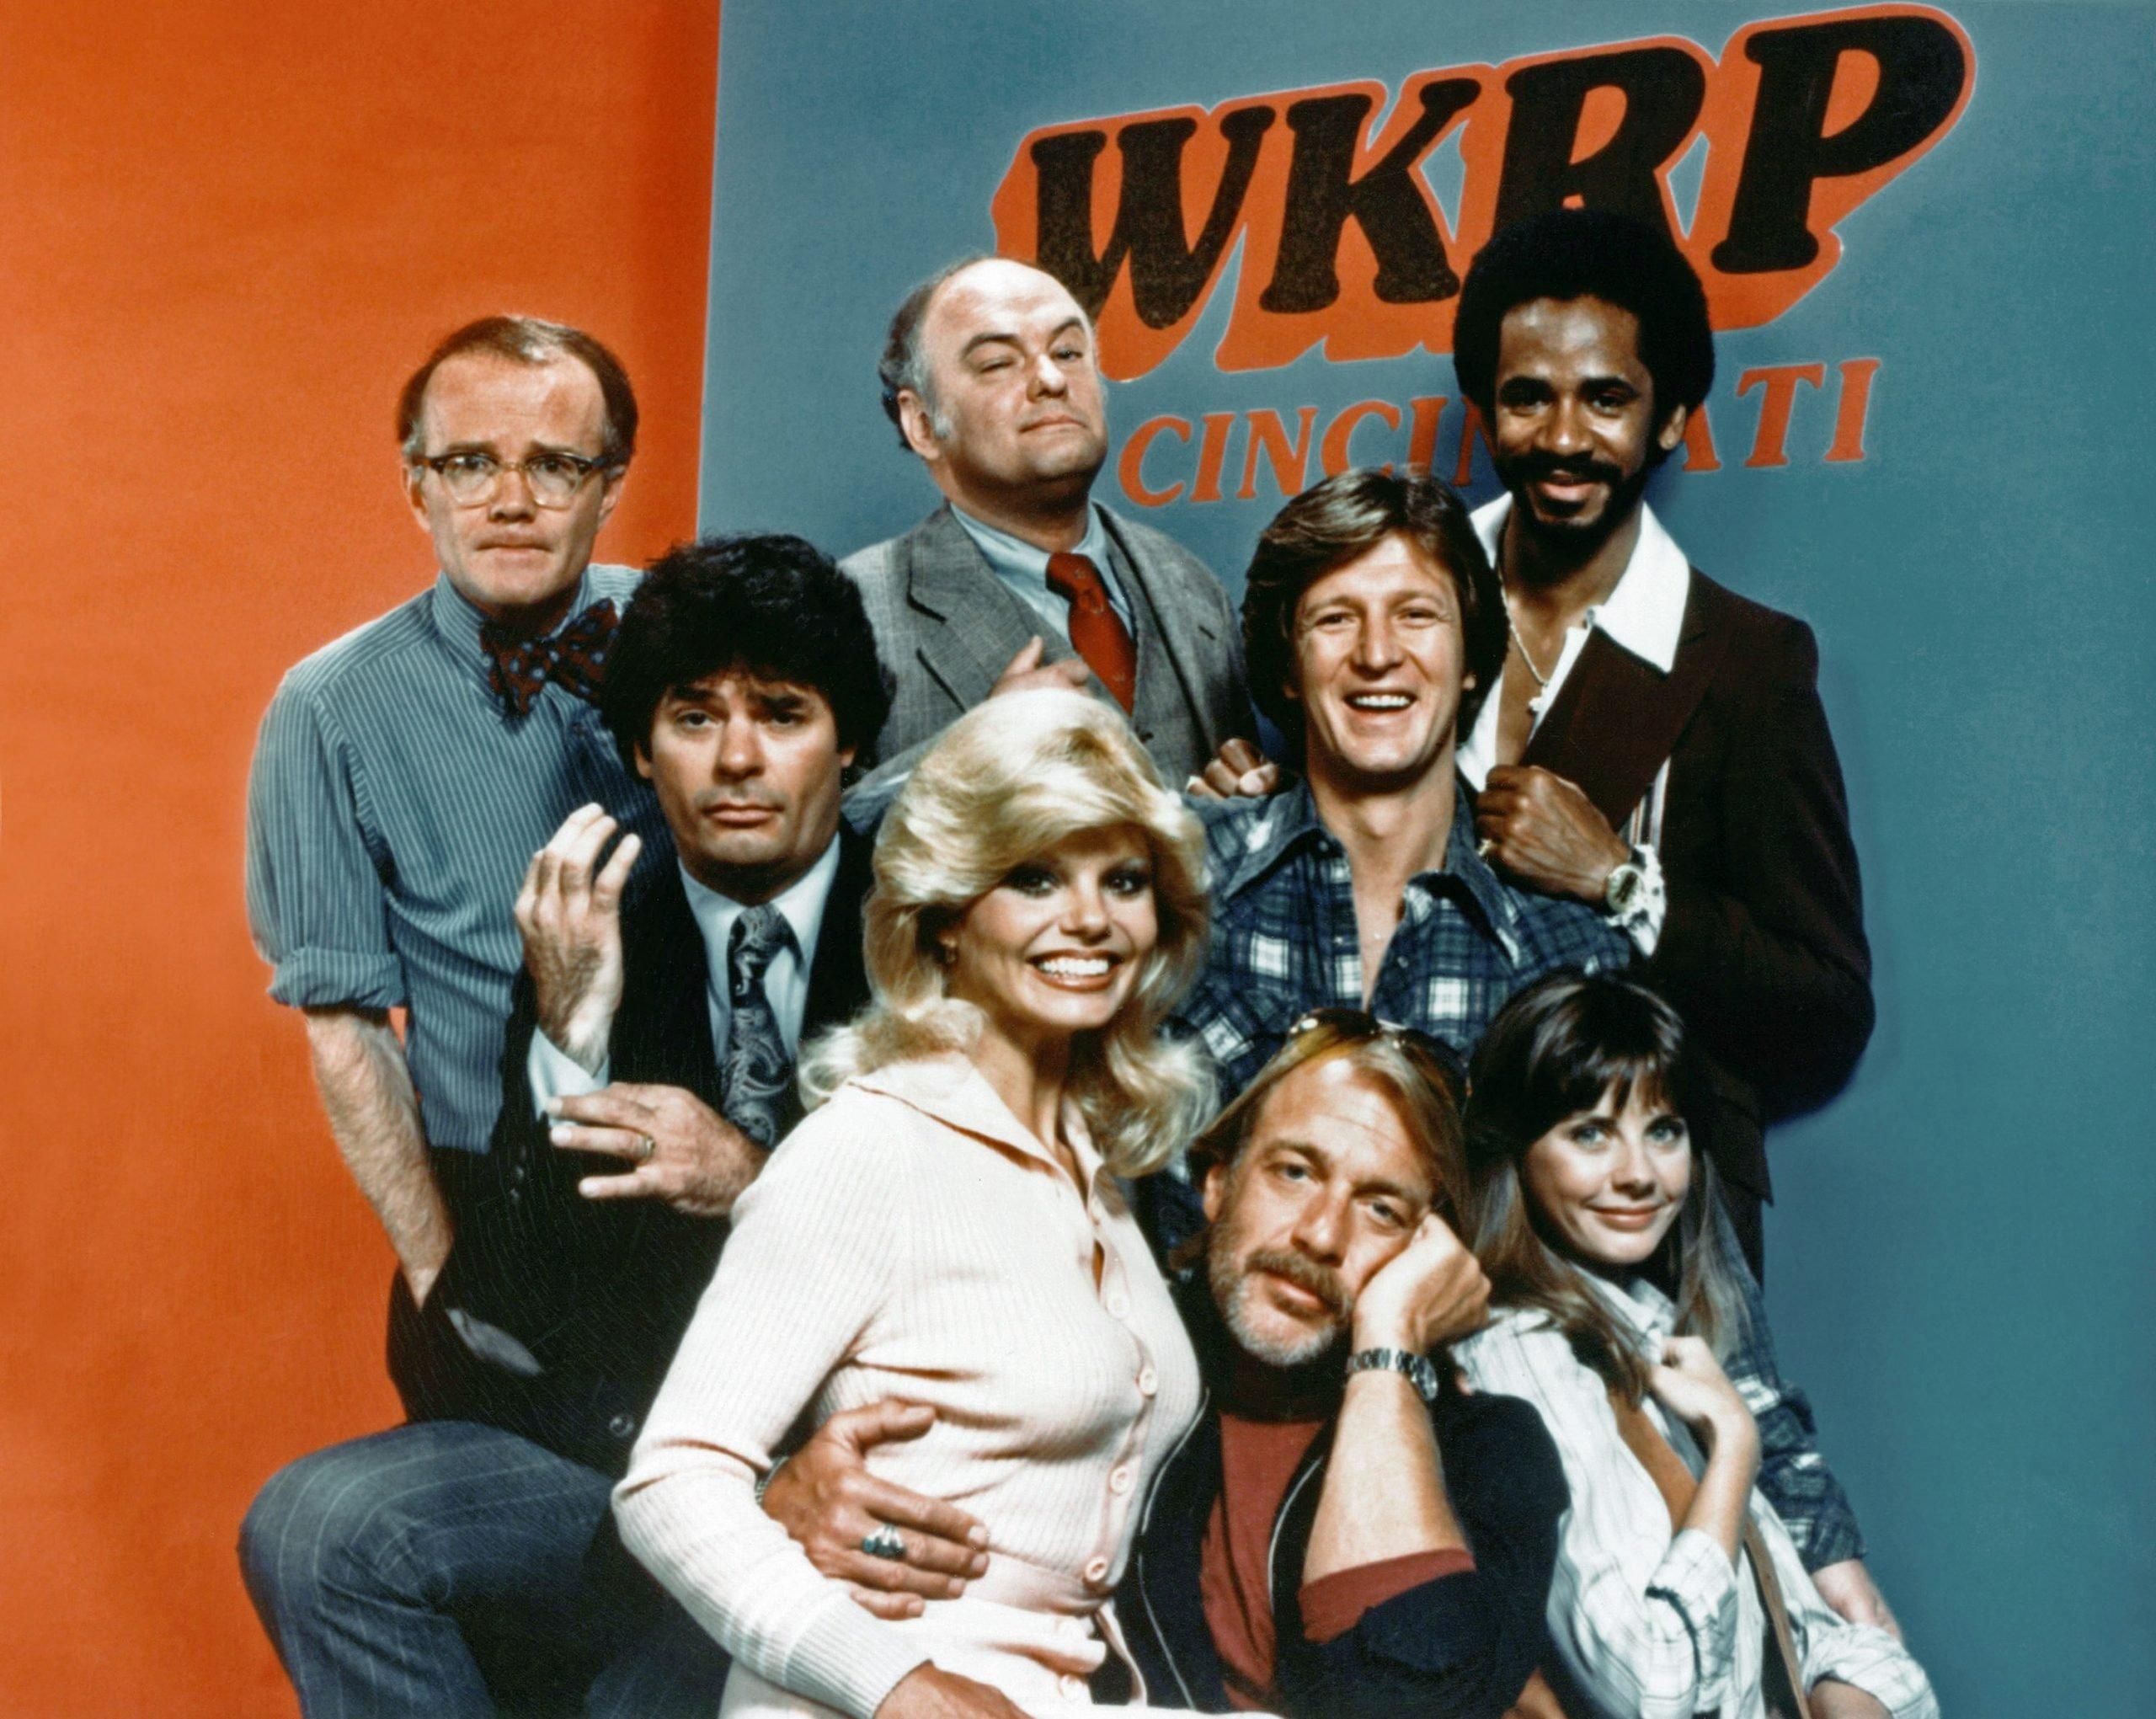 1970s-sitcoms-wkrp